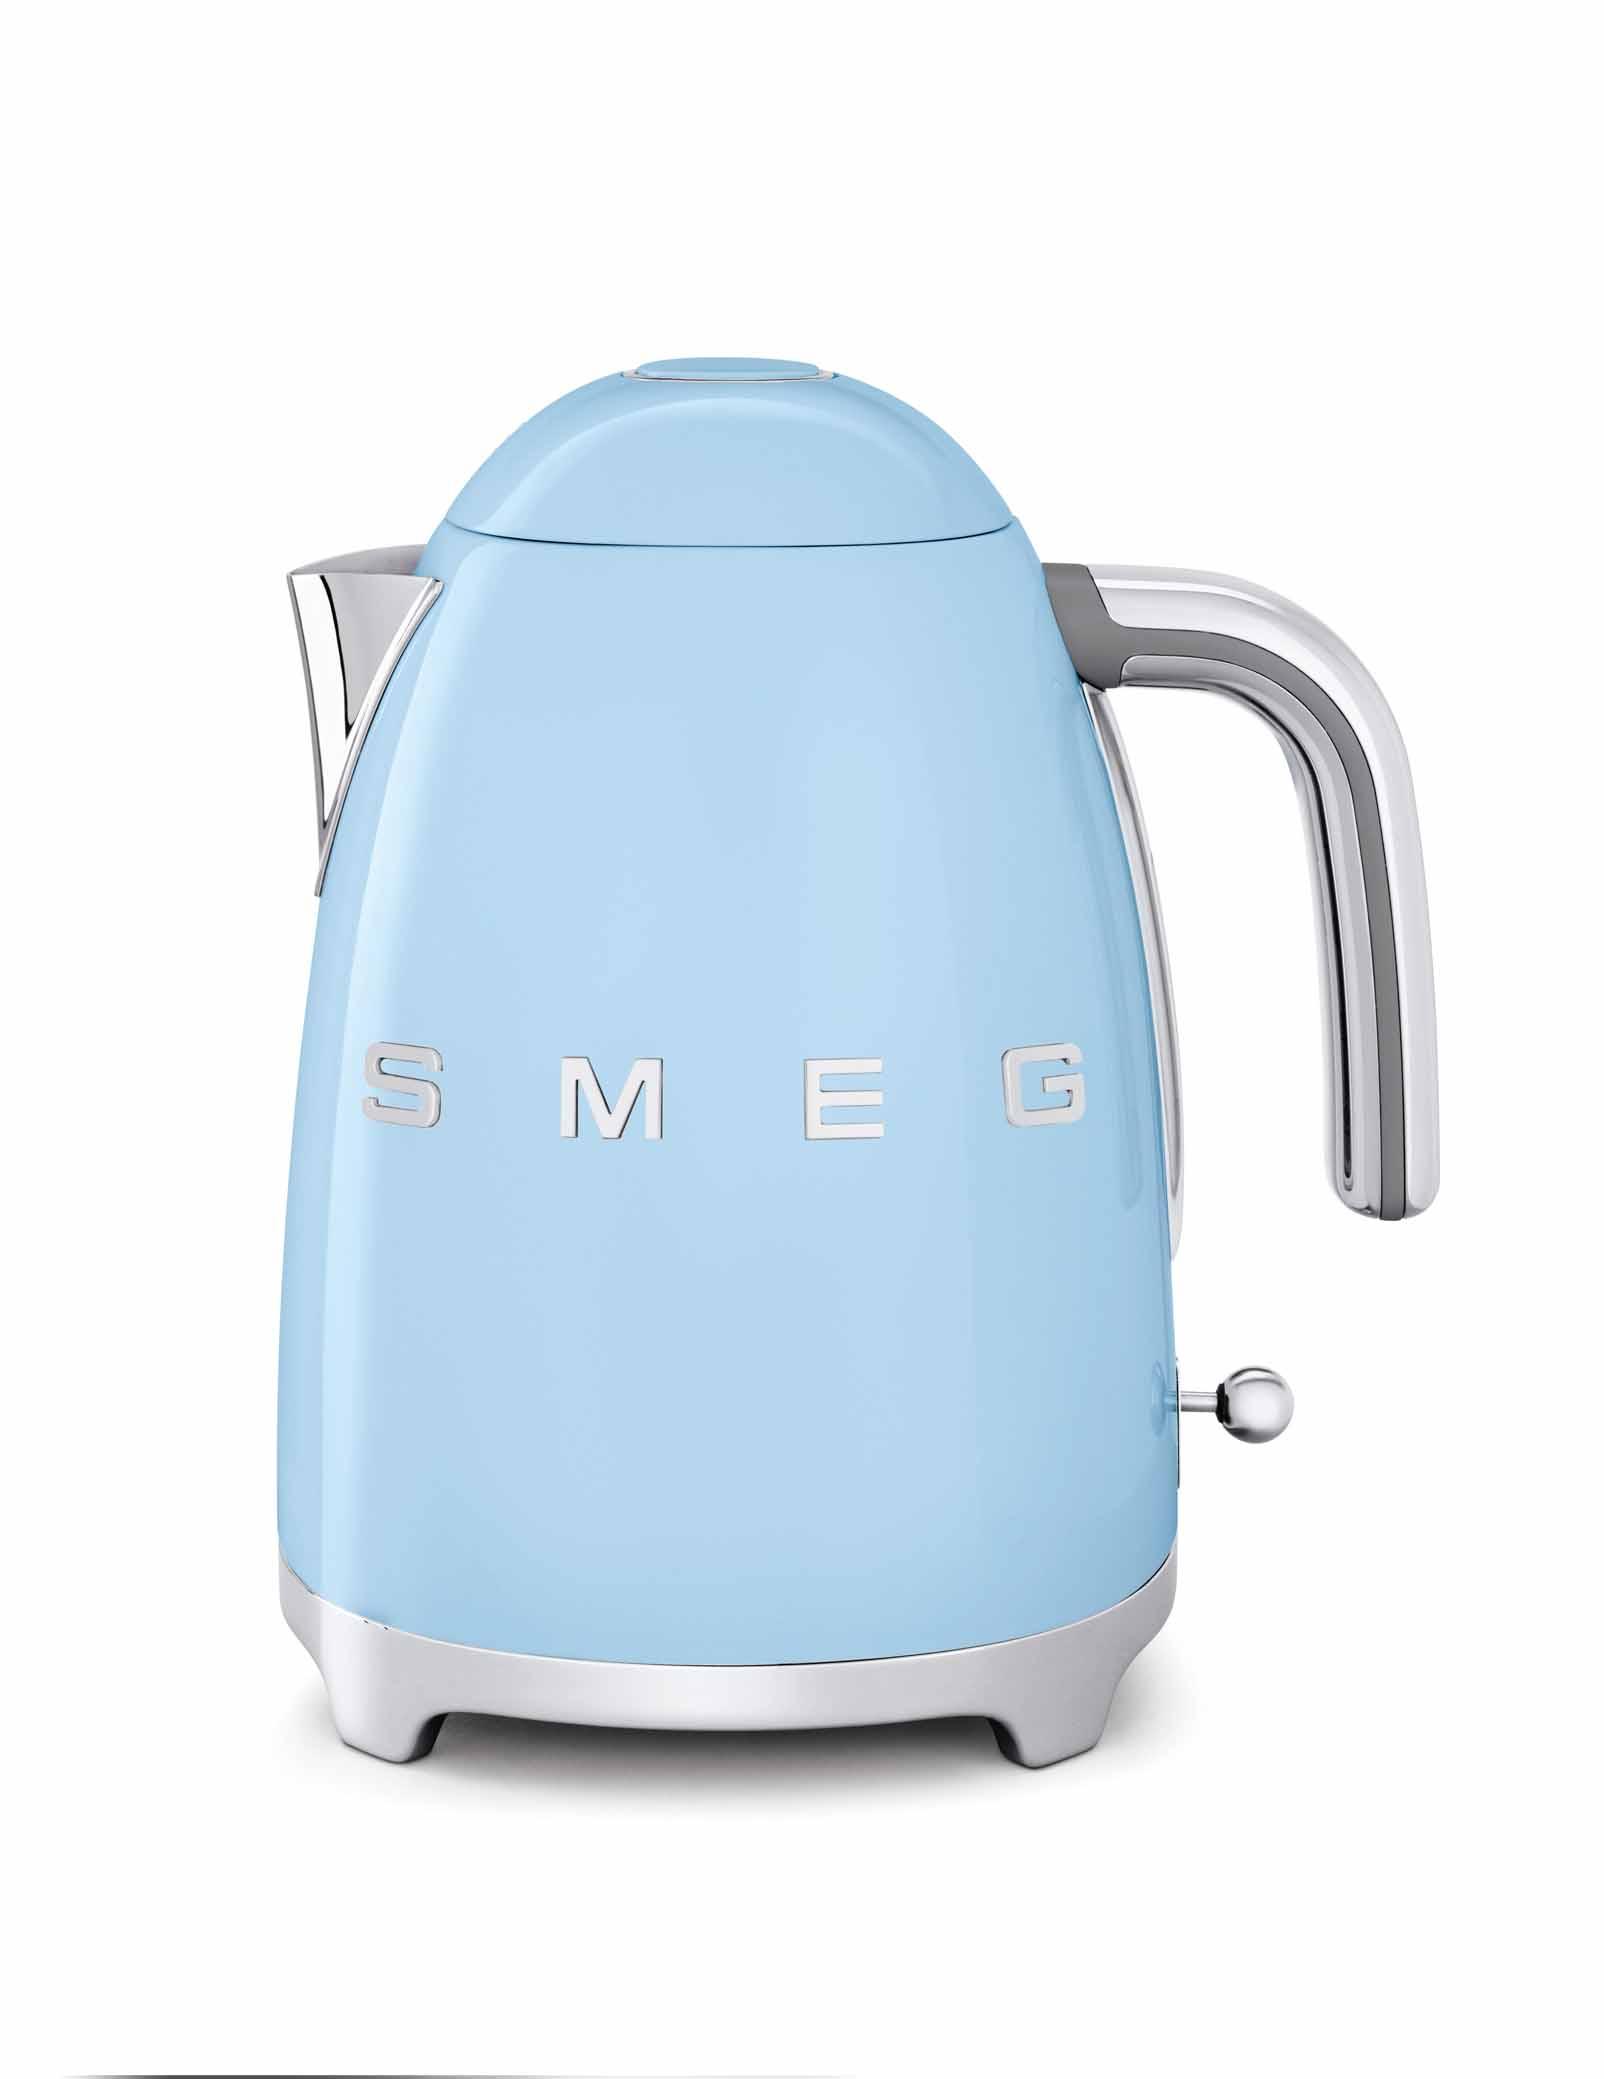 6. colourful appliances